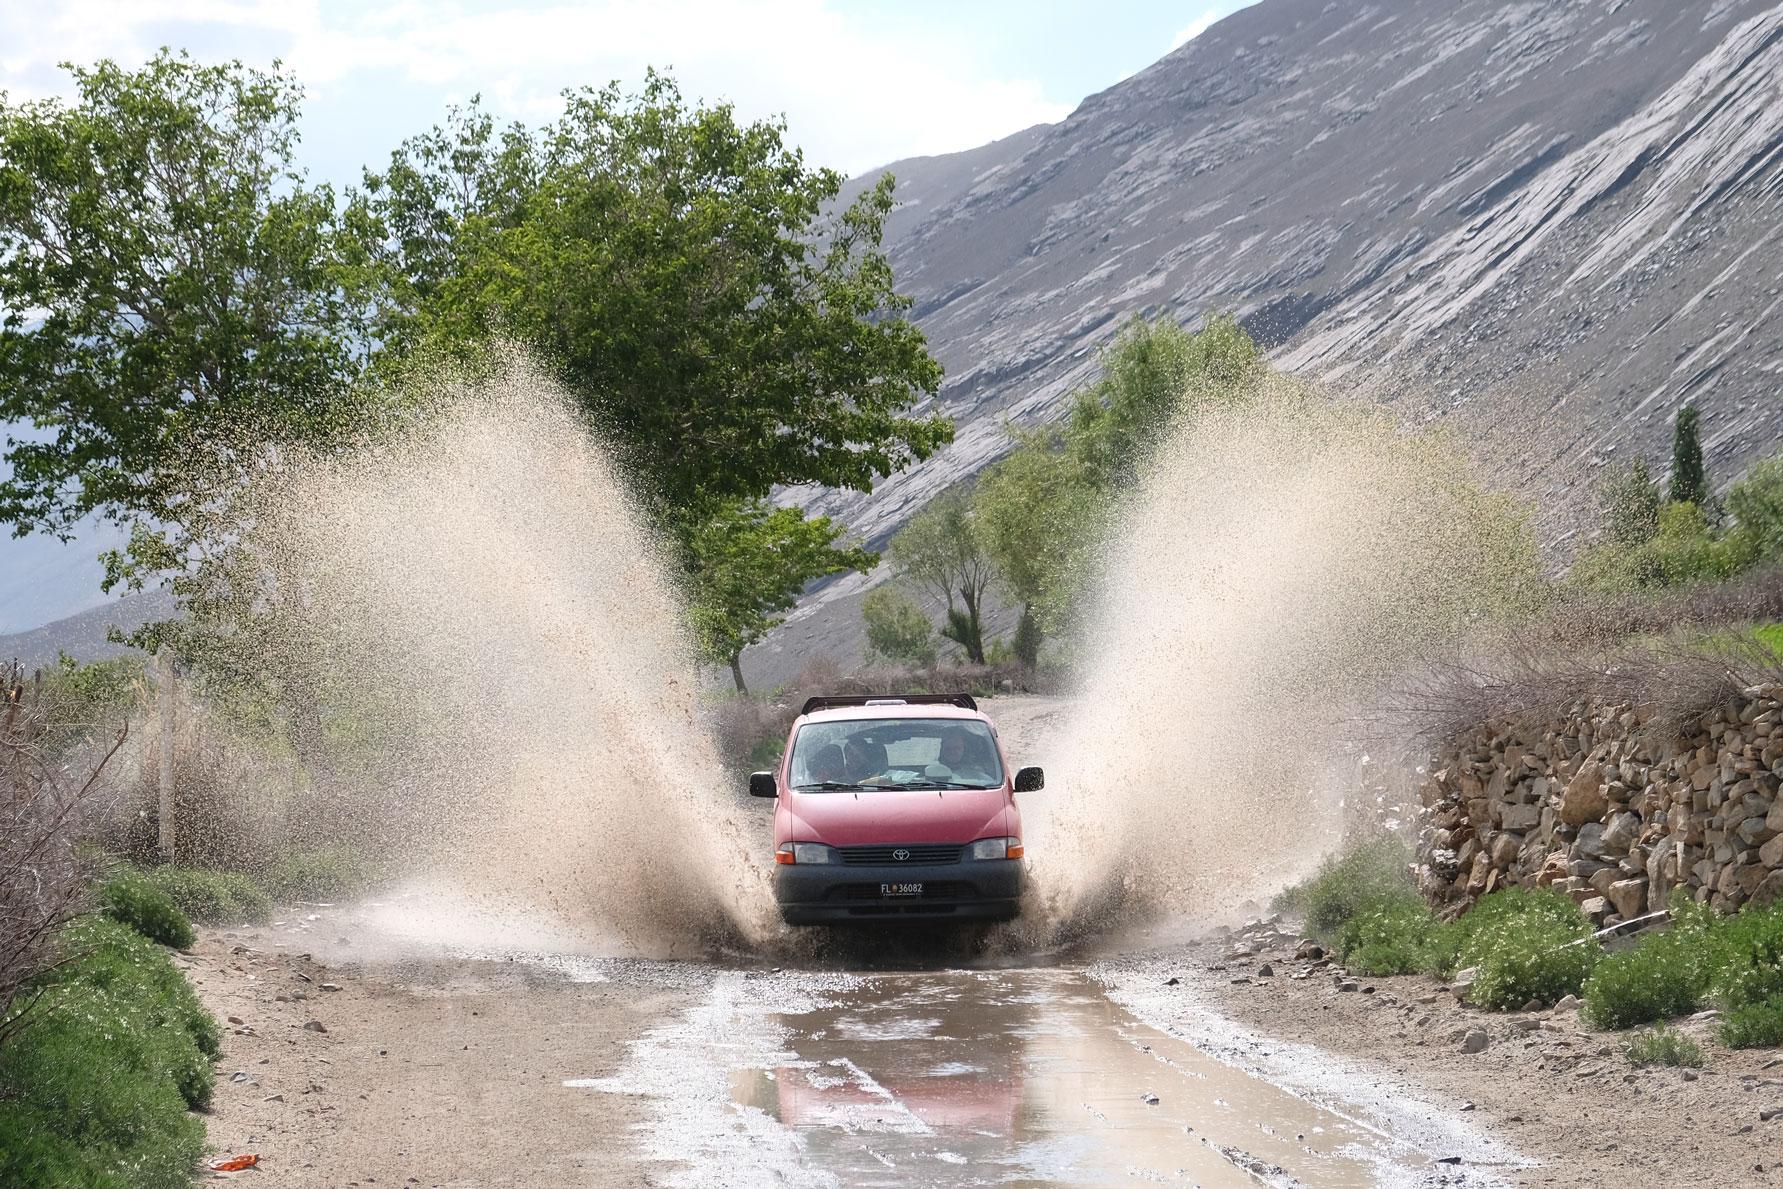 Bei der Anfahrt auf Langar werden die Straßenverhältnisse noch abendteuerlicher